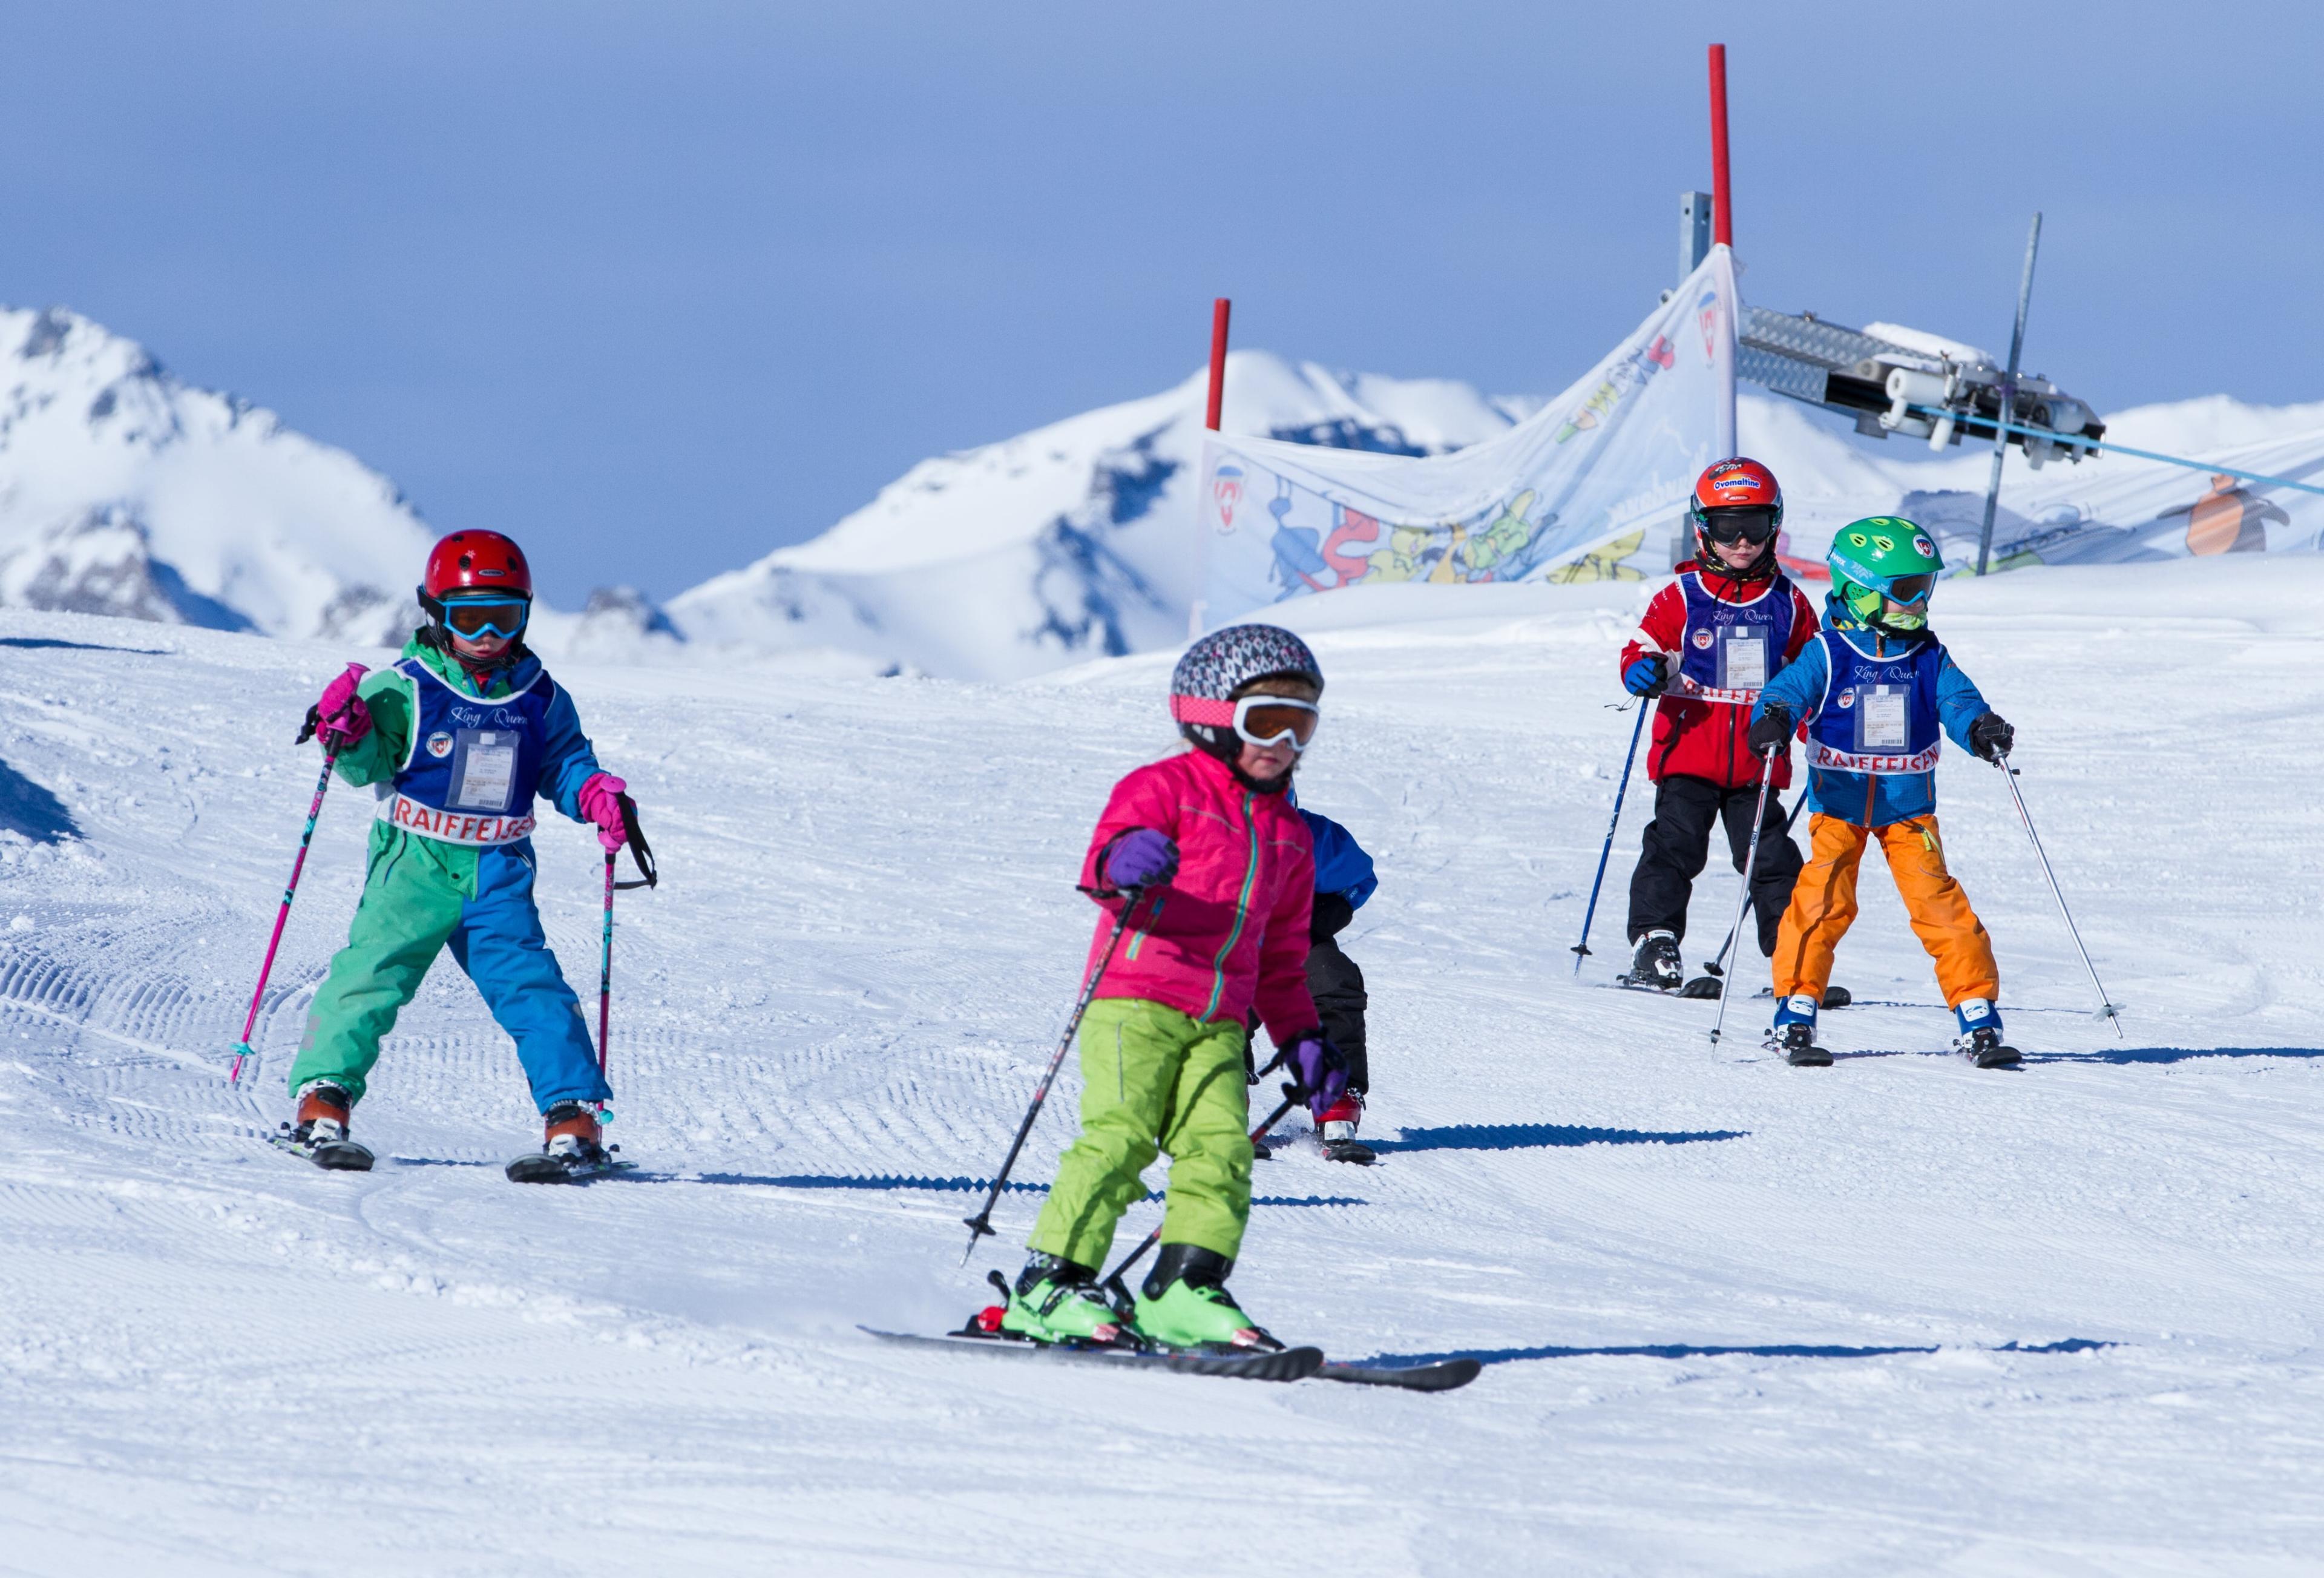 Cours de Ski pour Enfants (3 à 7 ans) - Journée